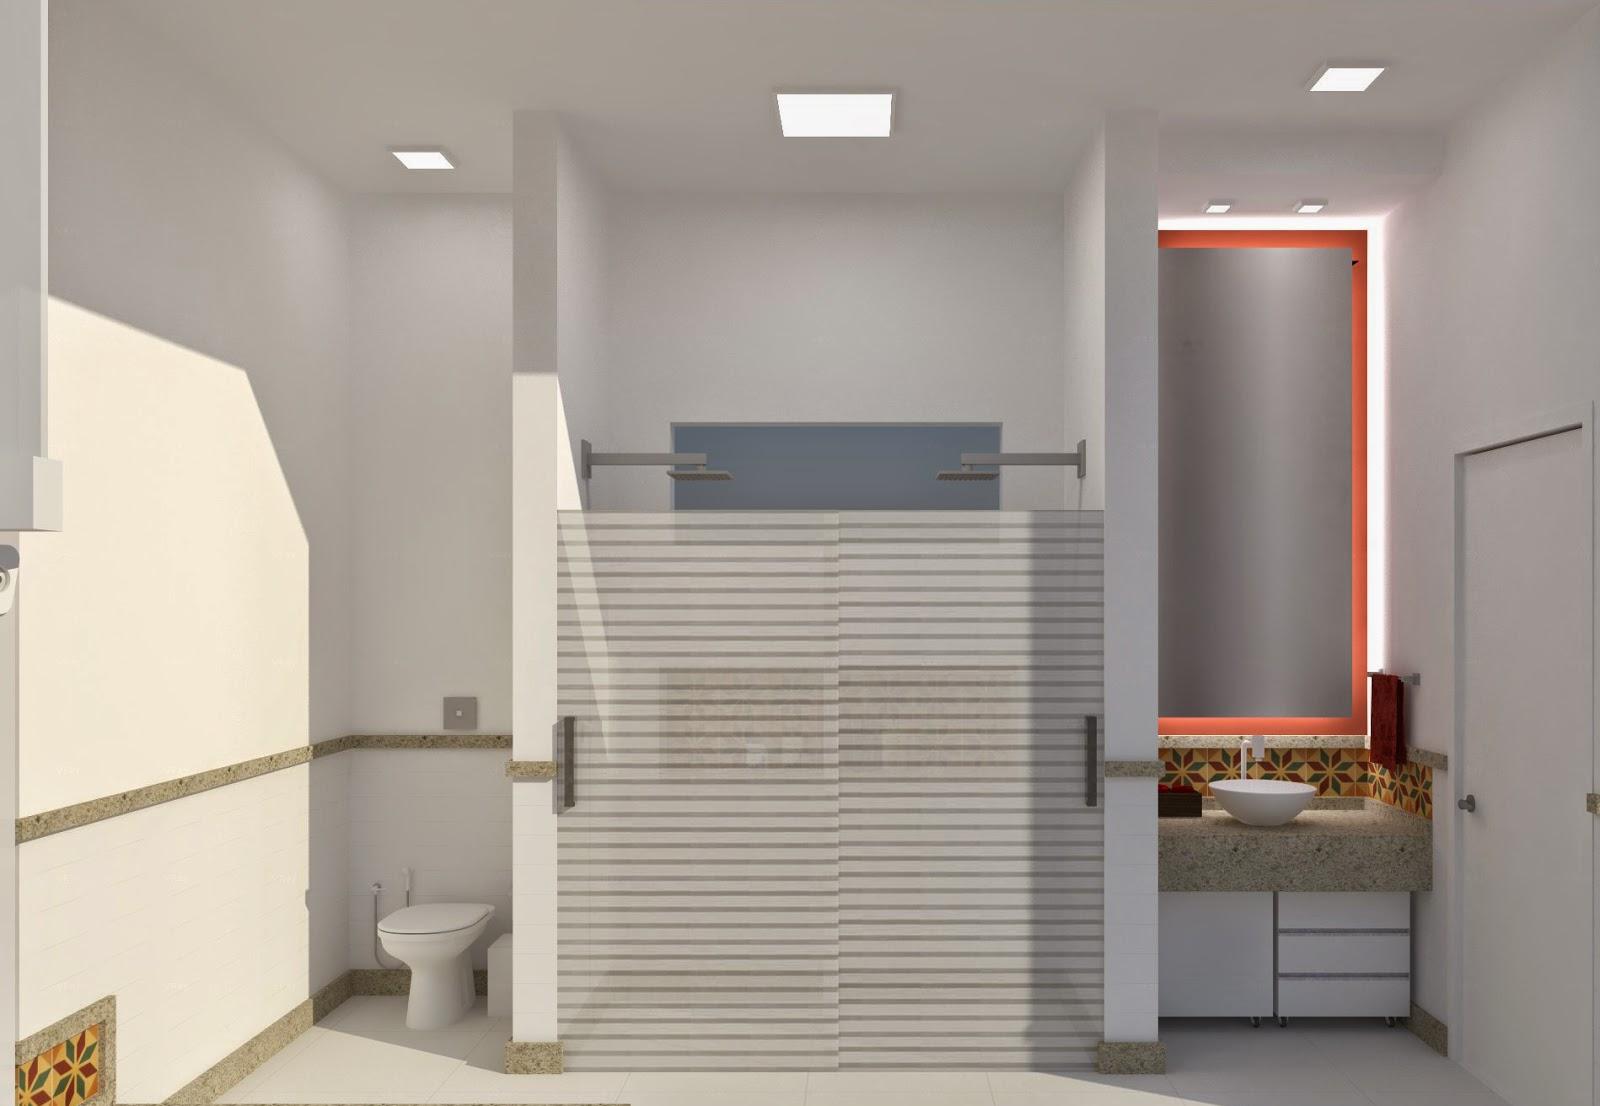 Decoração Paisagismo: Banheiros Projeto de Interior Reforma #A33F28 1600 1106